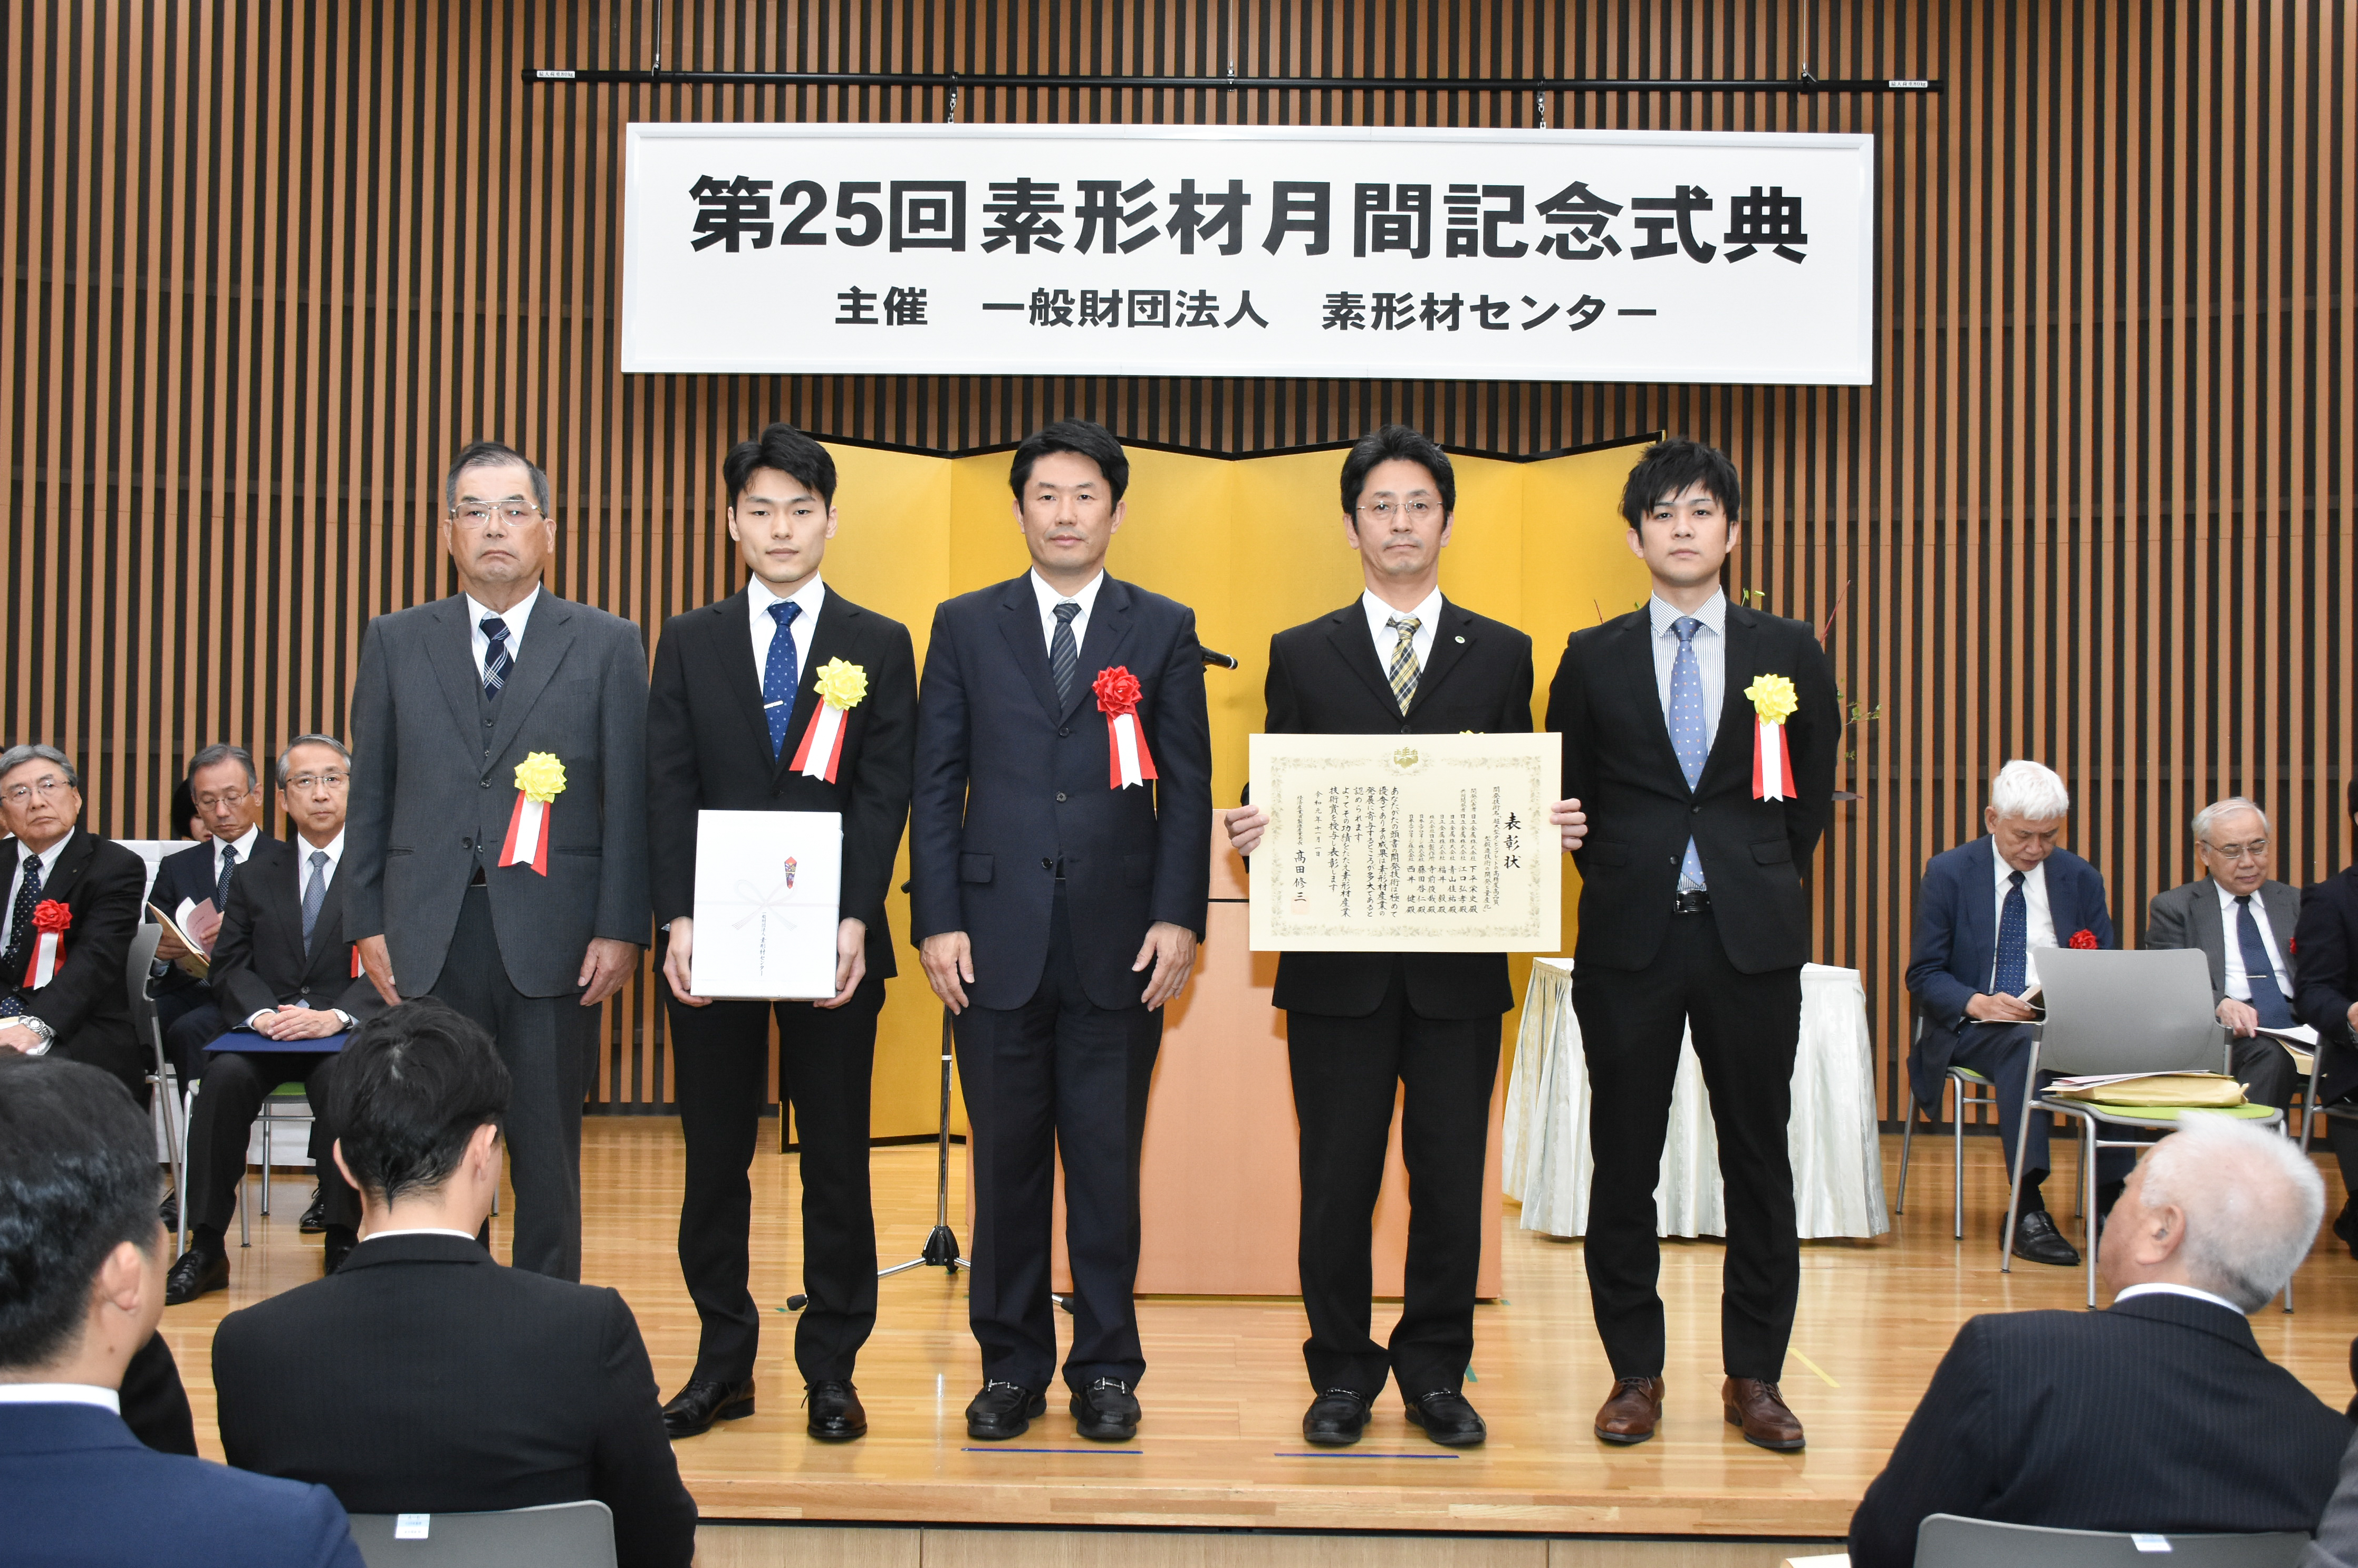 経済産業省製造産業局長賞表彰の画像